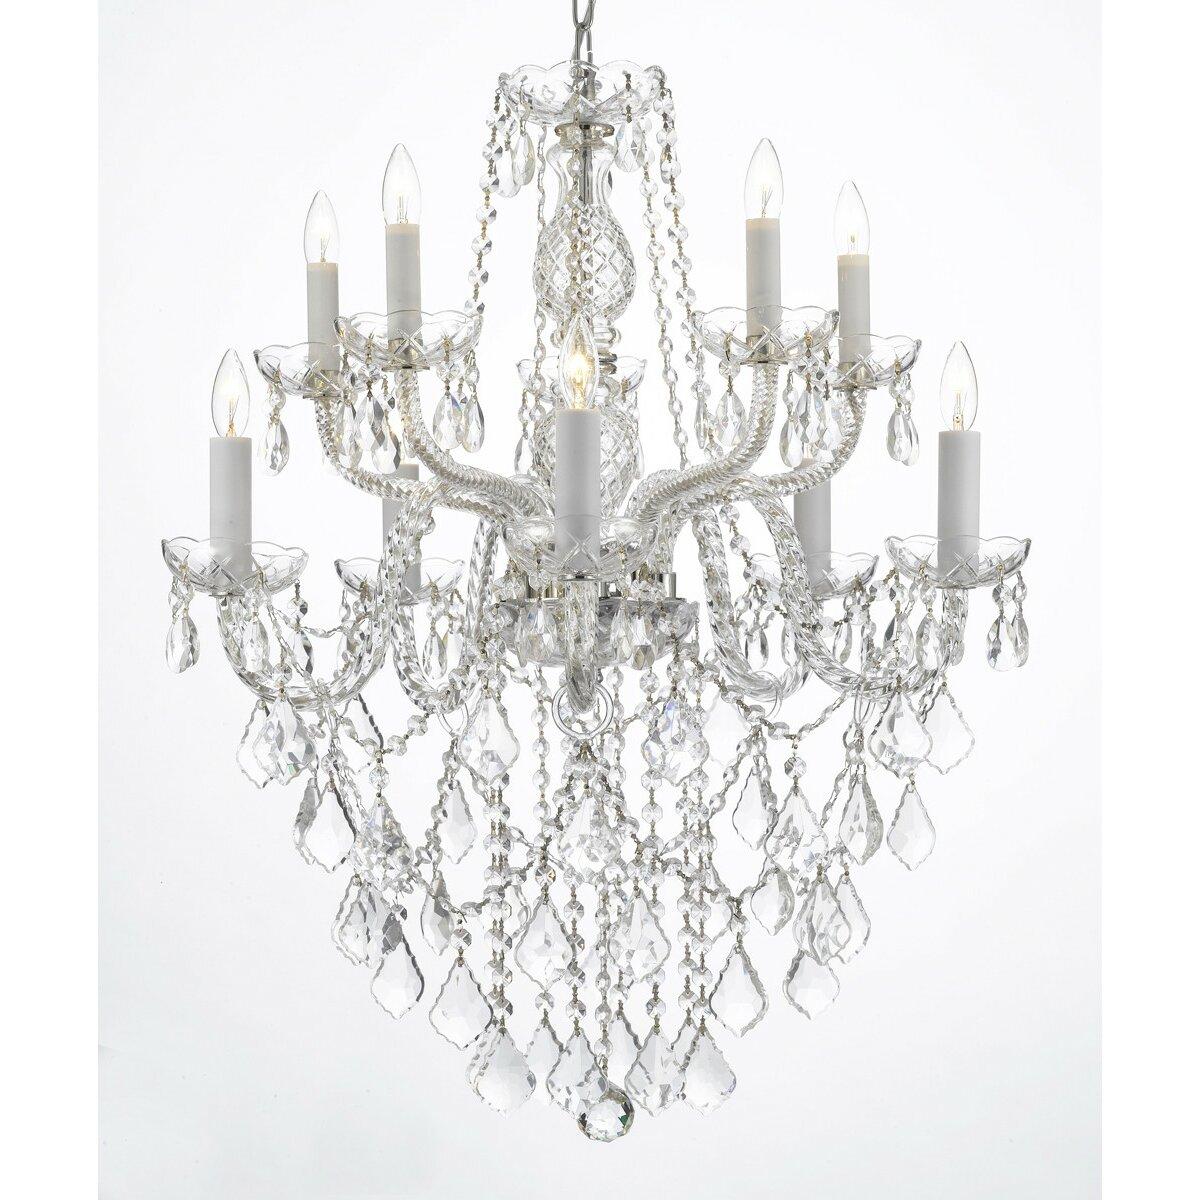 Crystal Chandelier Small Size: Harrison Lane Venetian 10-Light Crystal Chandelier